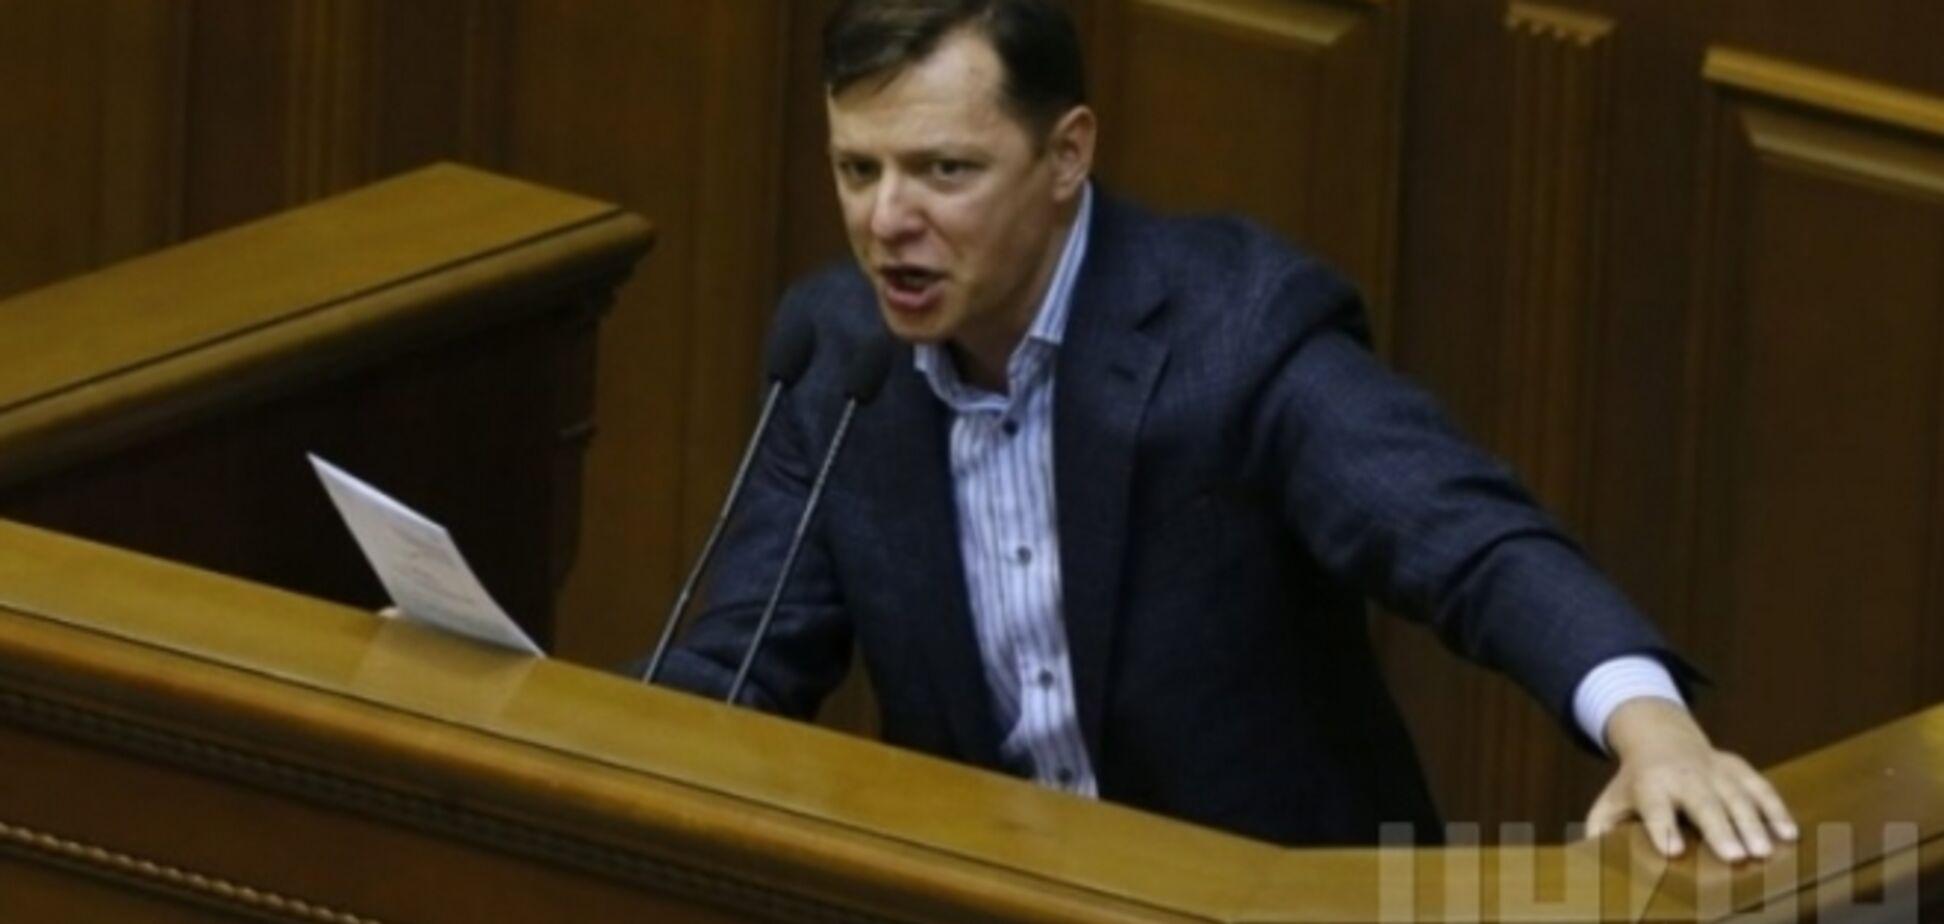 СМИ: Ляшко отсидел в тюрьме за мошенничество и был судим за клевету